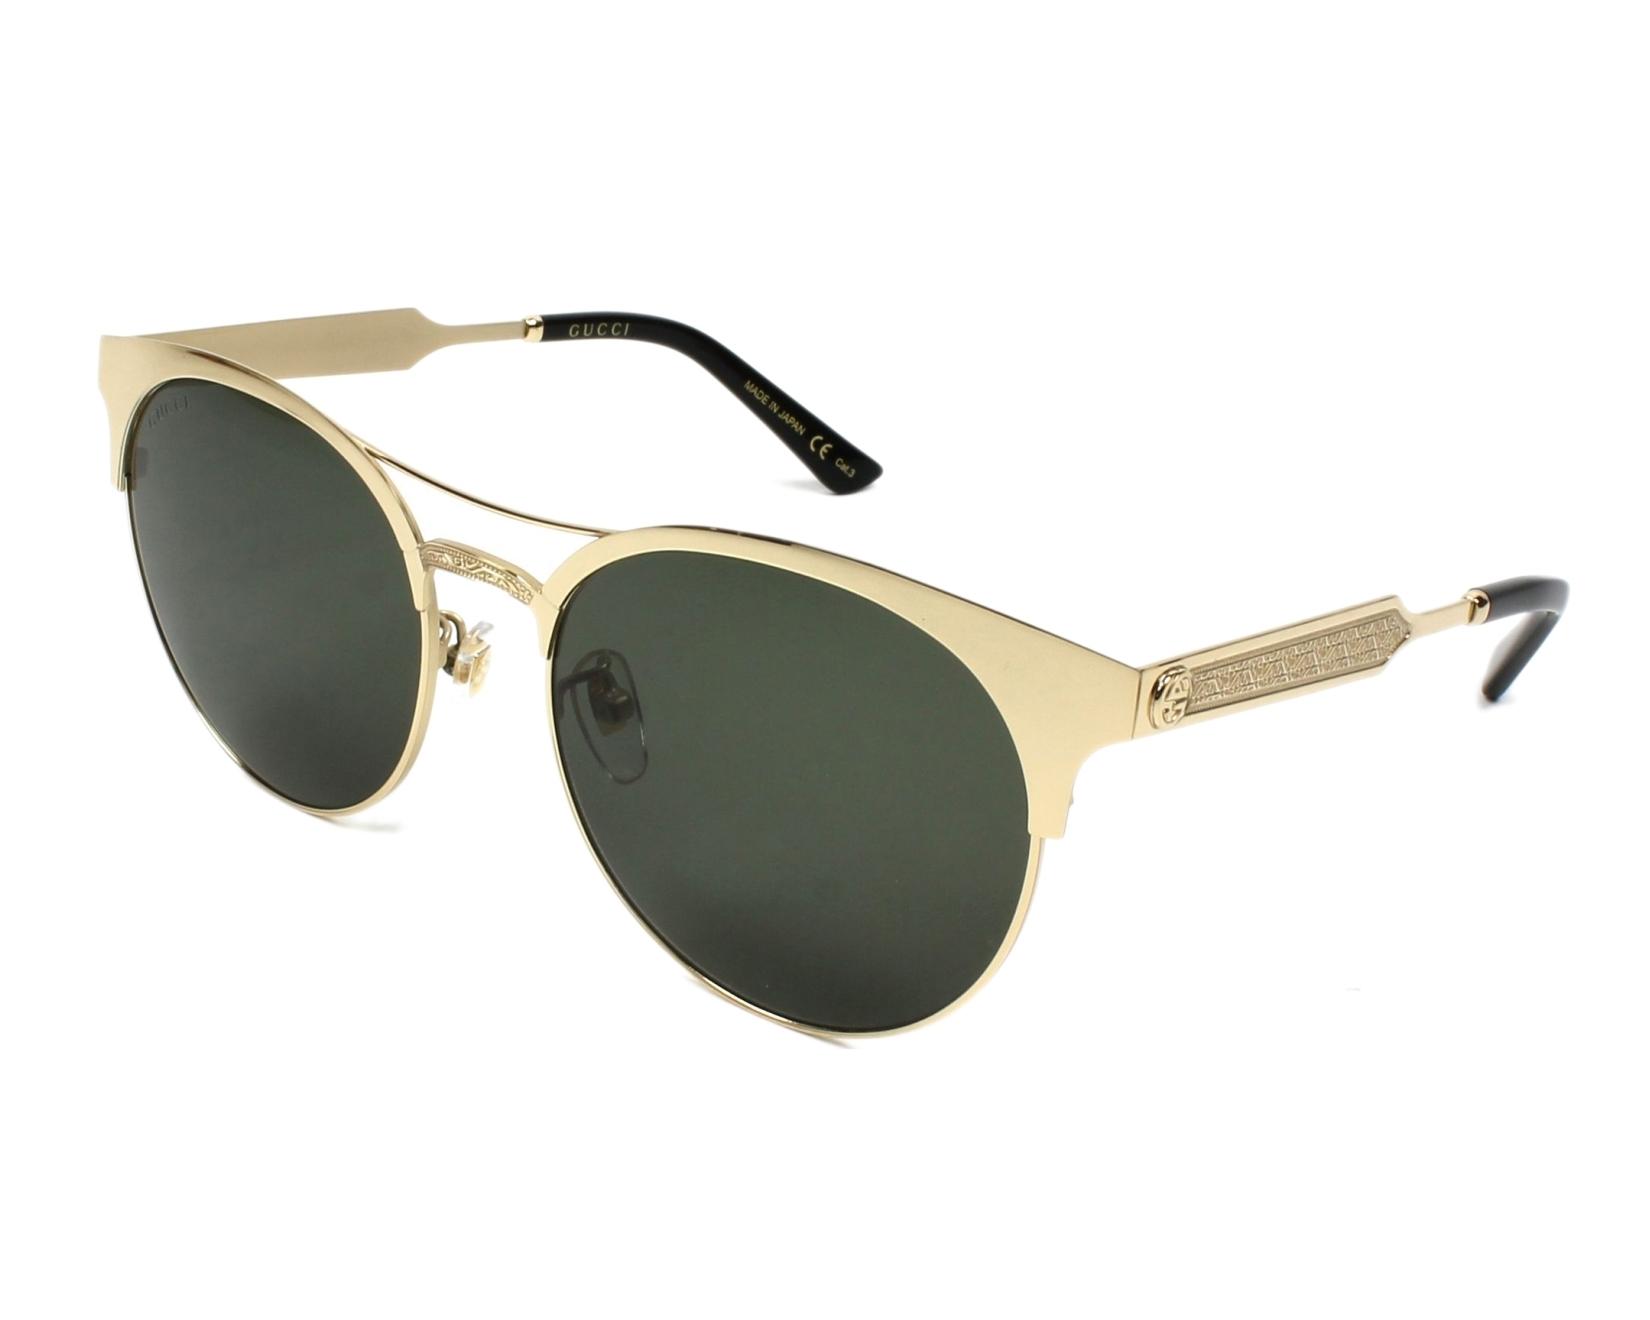 5f24abbc99285 Sunglasses Gucci GG-0075-S 003 56-18 Gold profile view